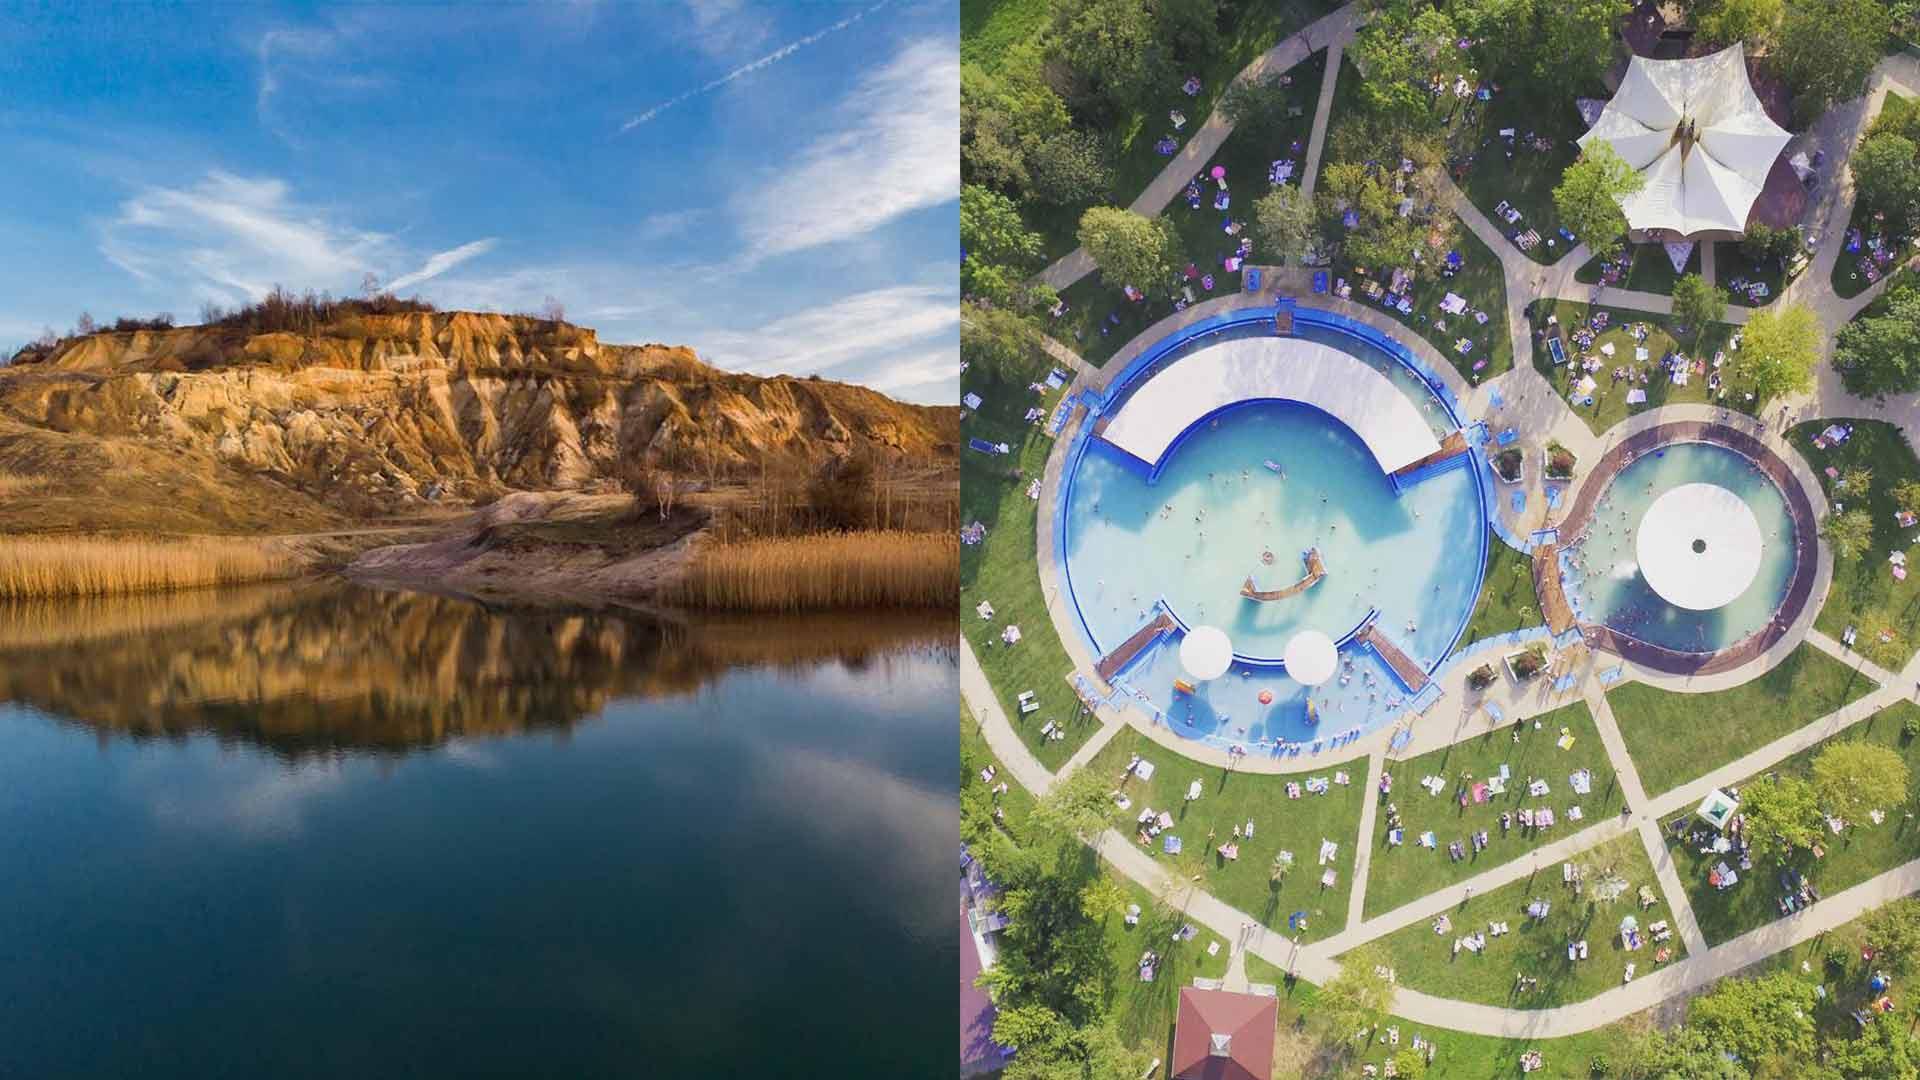 8 locuri aproape de Cluj unde poți merge dacă ai chef să înoți